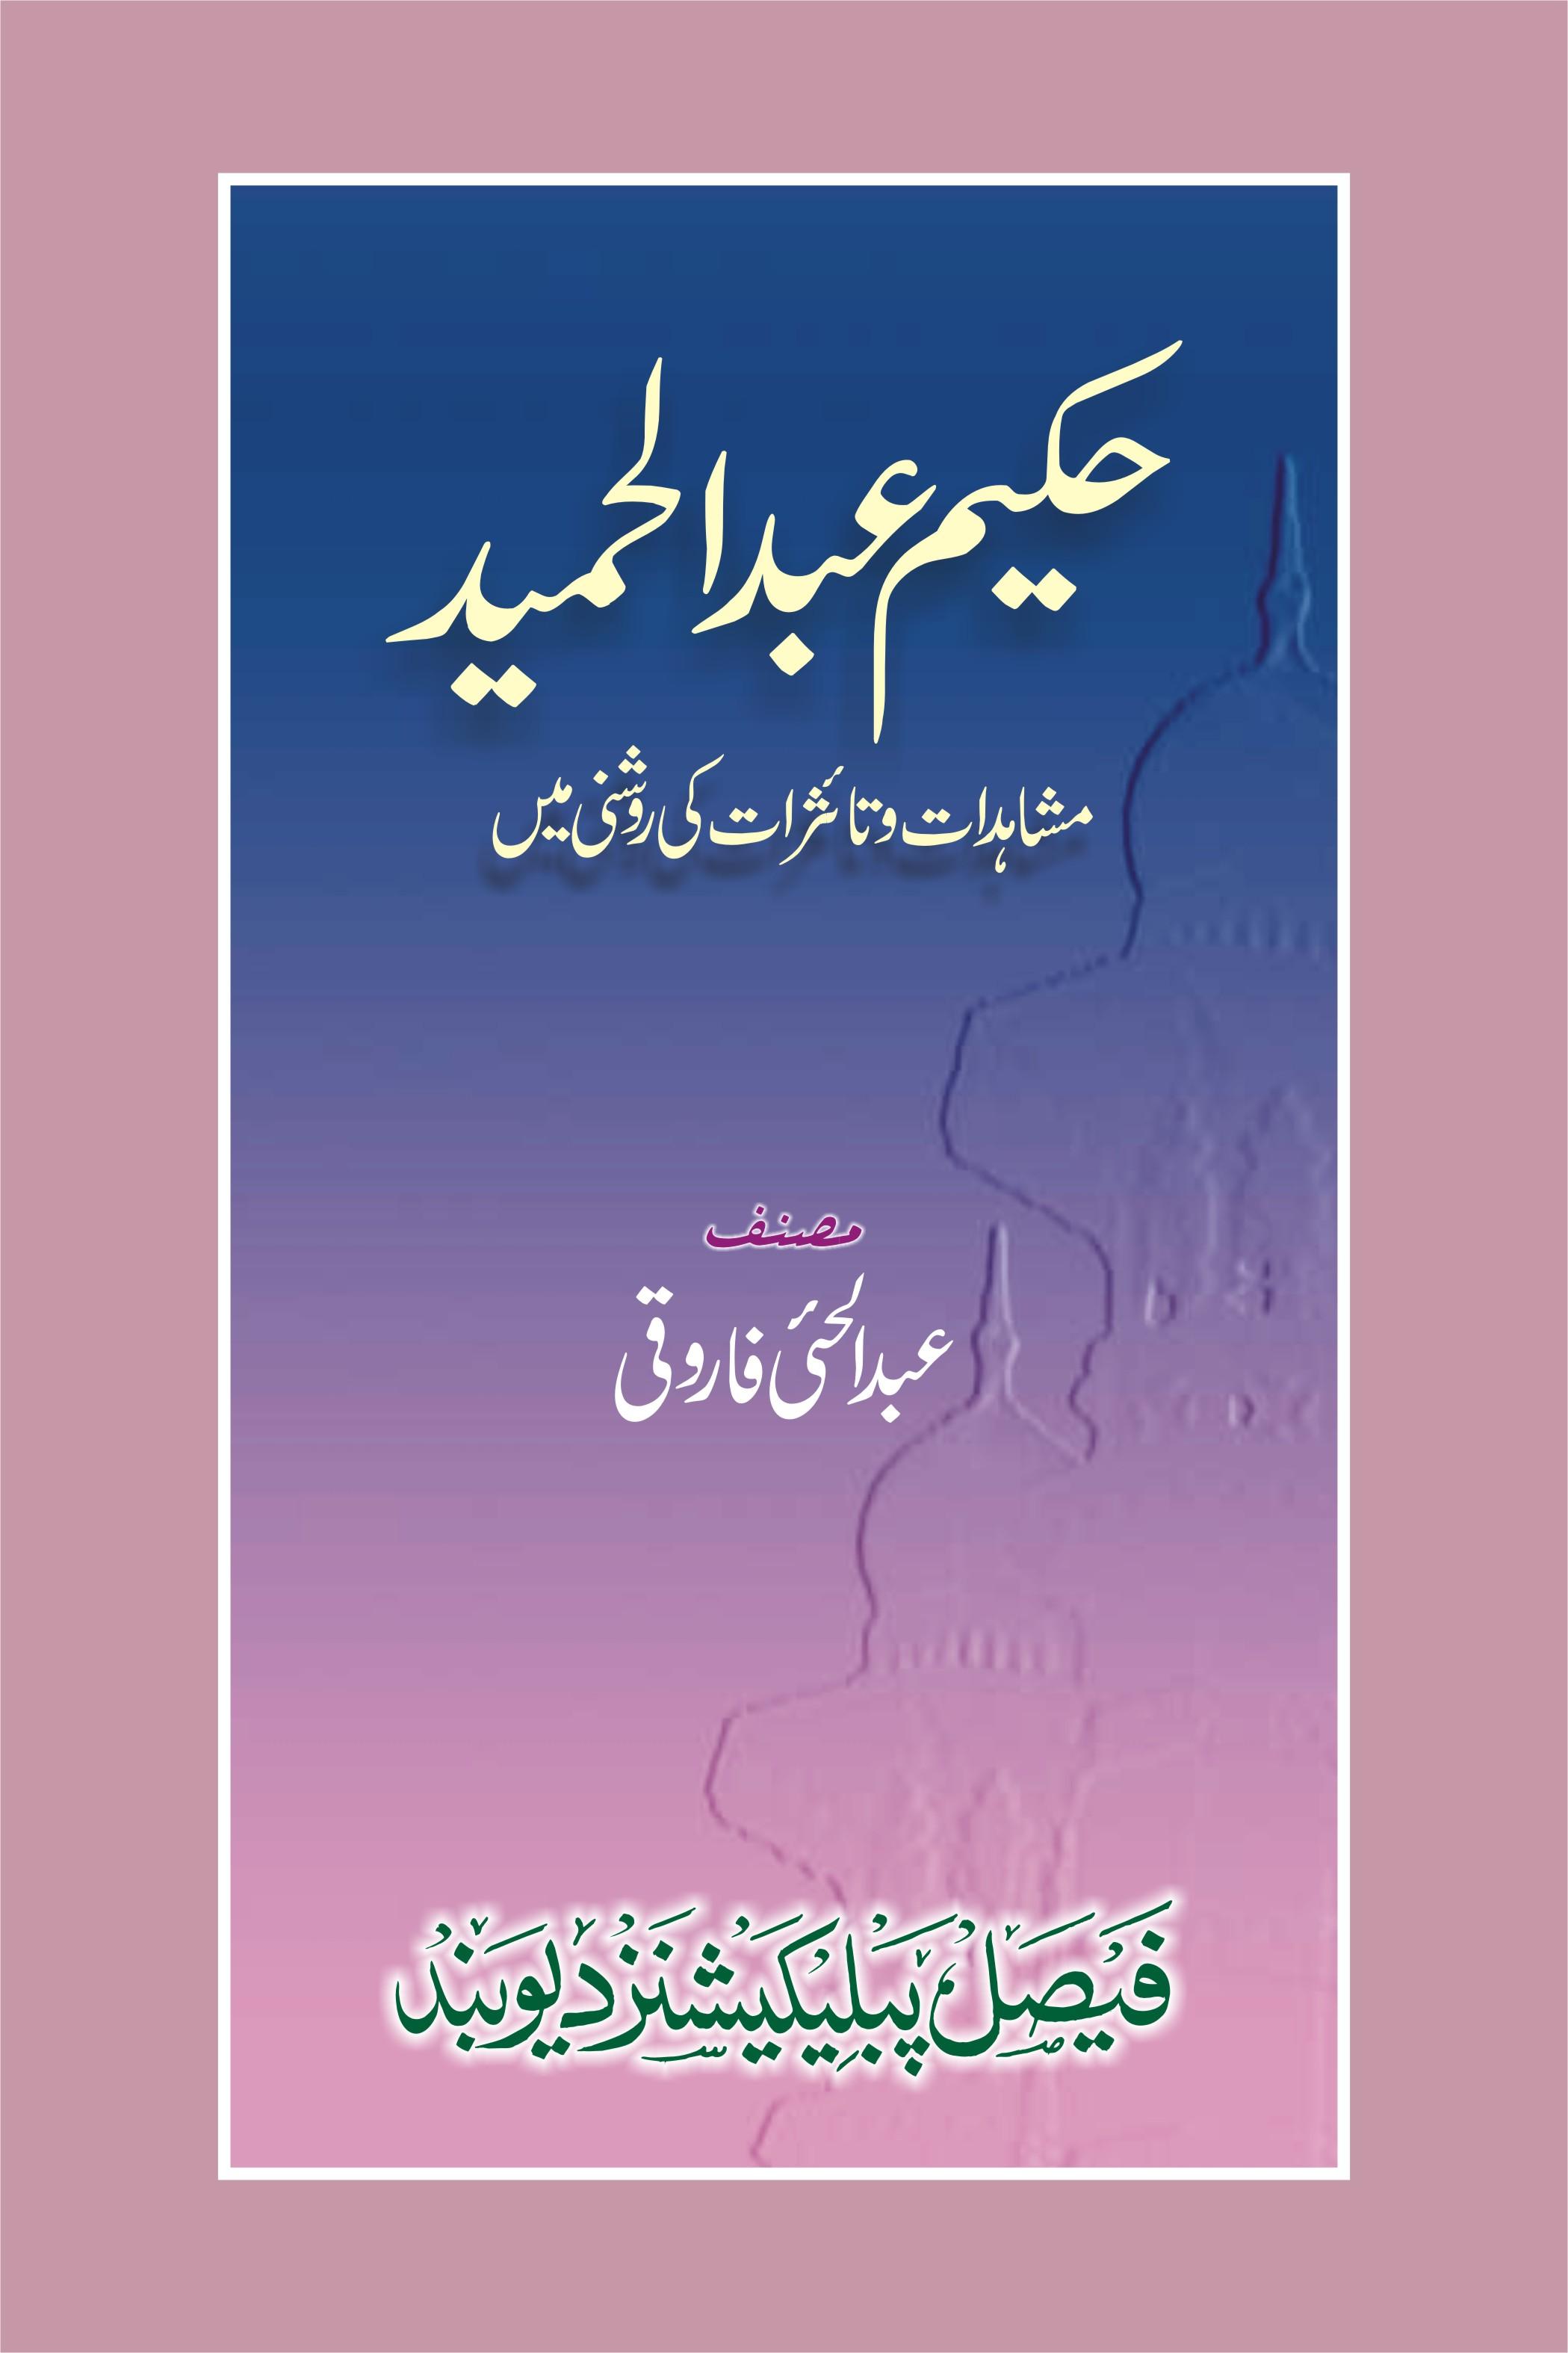 Hakeem Abdul Hameed